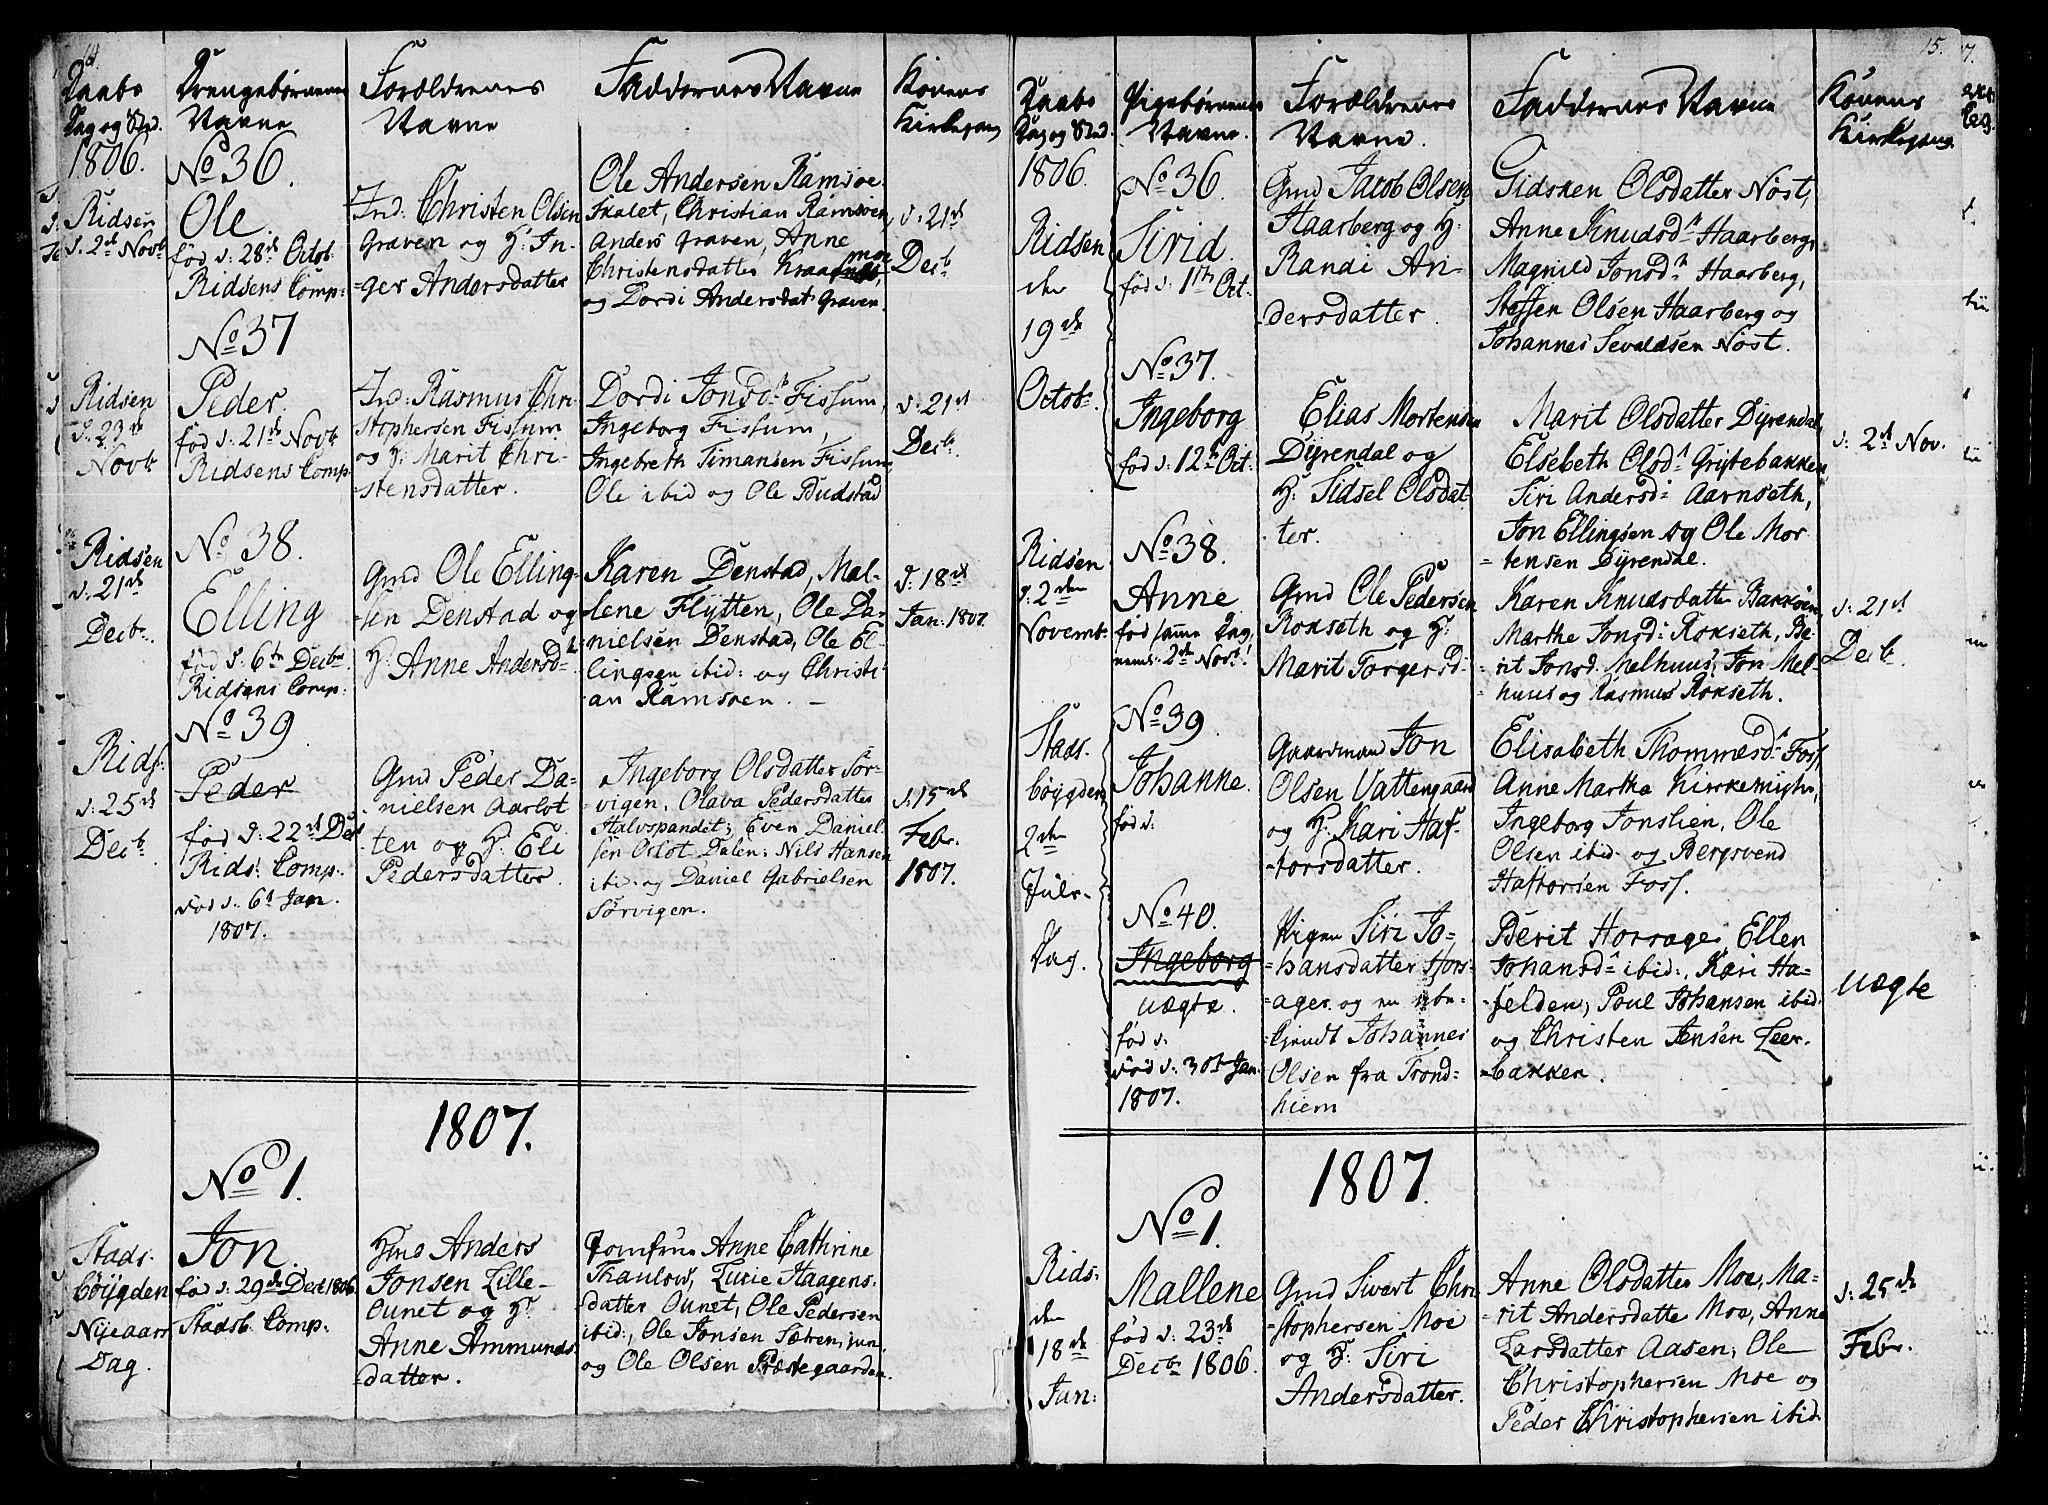 SAT, Ministerialprotokoller, klokkerbøker og fødselsregistre - Sør-Trøndelag, 646/L0607: Ministerialbok nr. 646A05, 1806-1815, s. 14-15